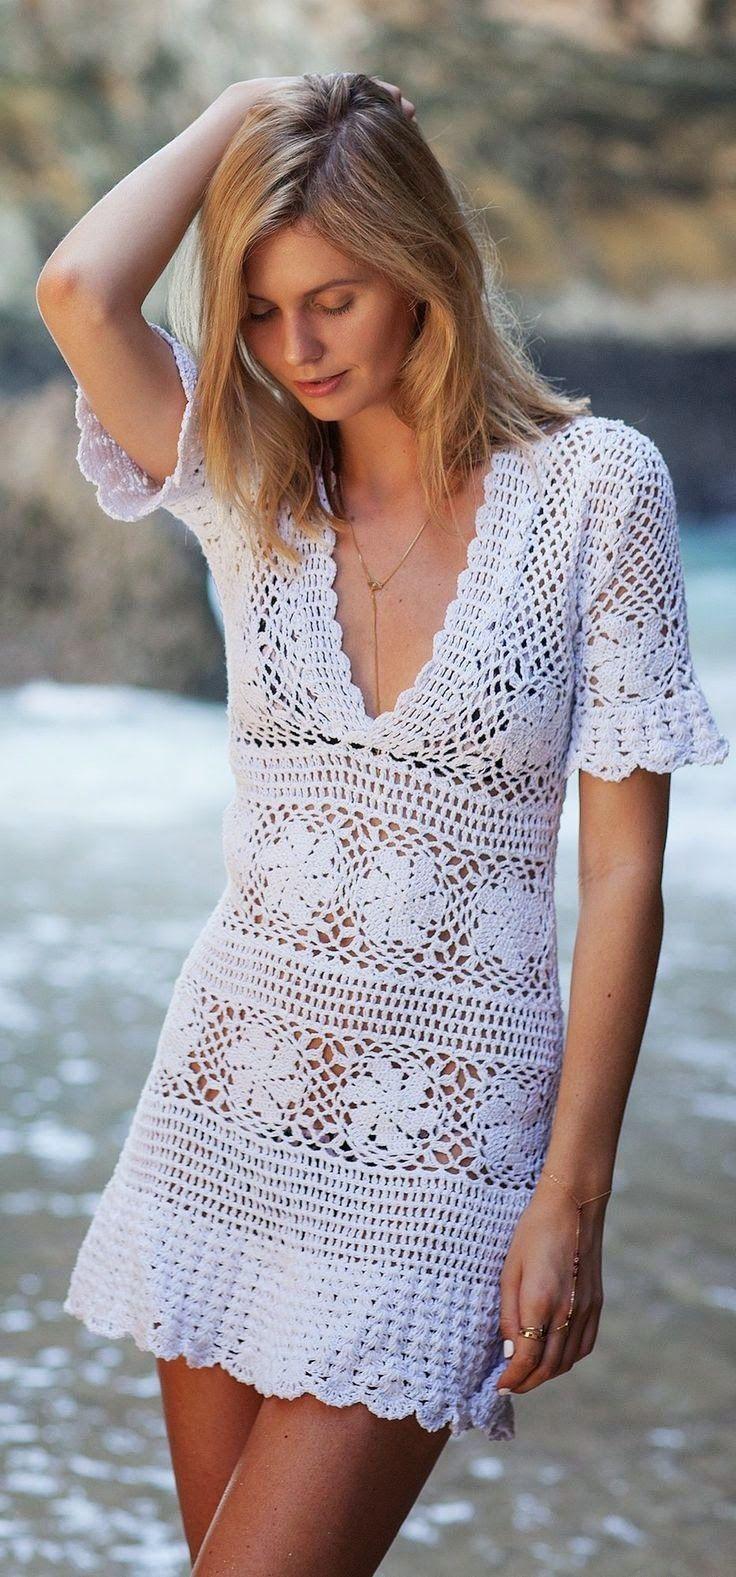 Crochetemoda: Crochet Dresses